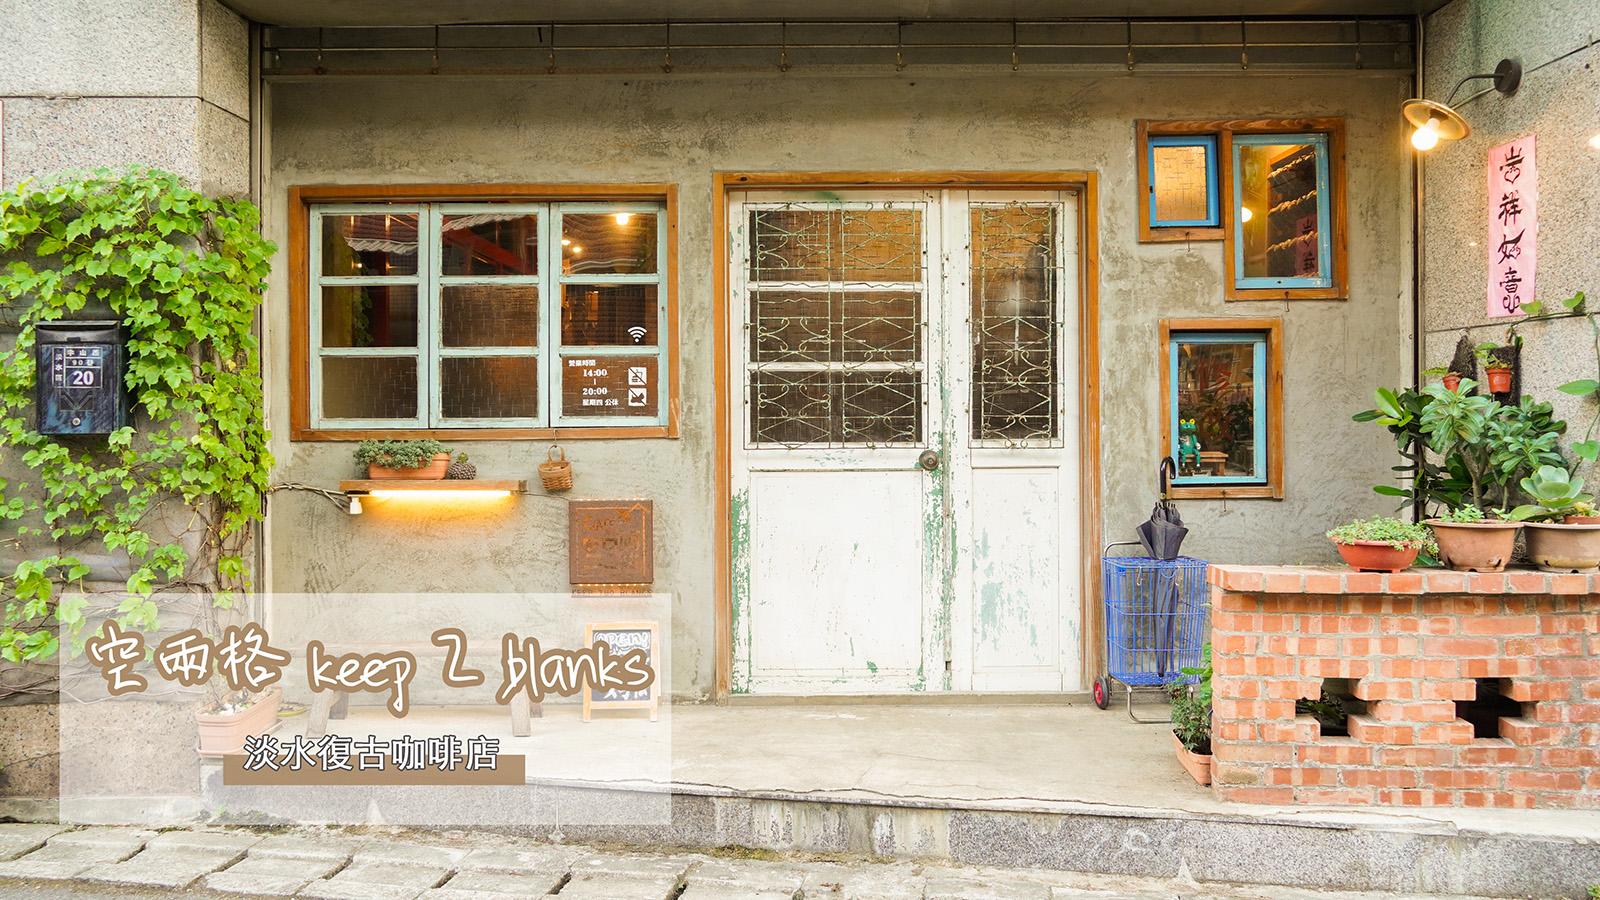 即時熱門文章:☆【新北/淡水】空兩格 Café 復古咖啡館。內行人帶路的巷仔內咖啡廳